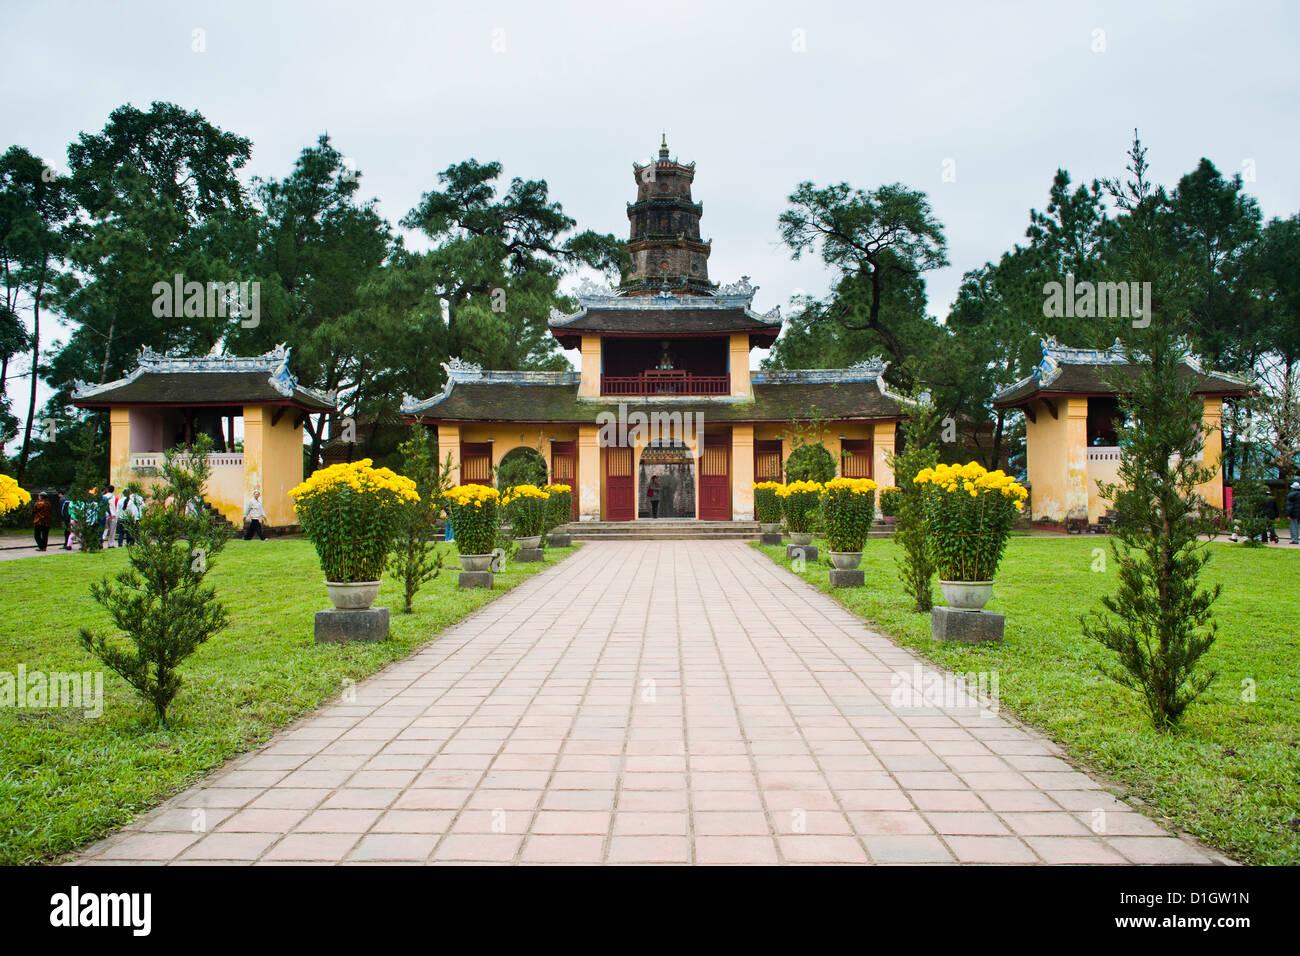 Edifici nei pressi di Thien Mu Pagoda, tonalità, Vietnam, Indocina, Asia sud-orientale, Asia Immagini Stock